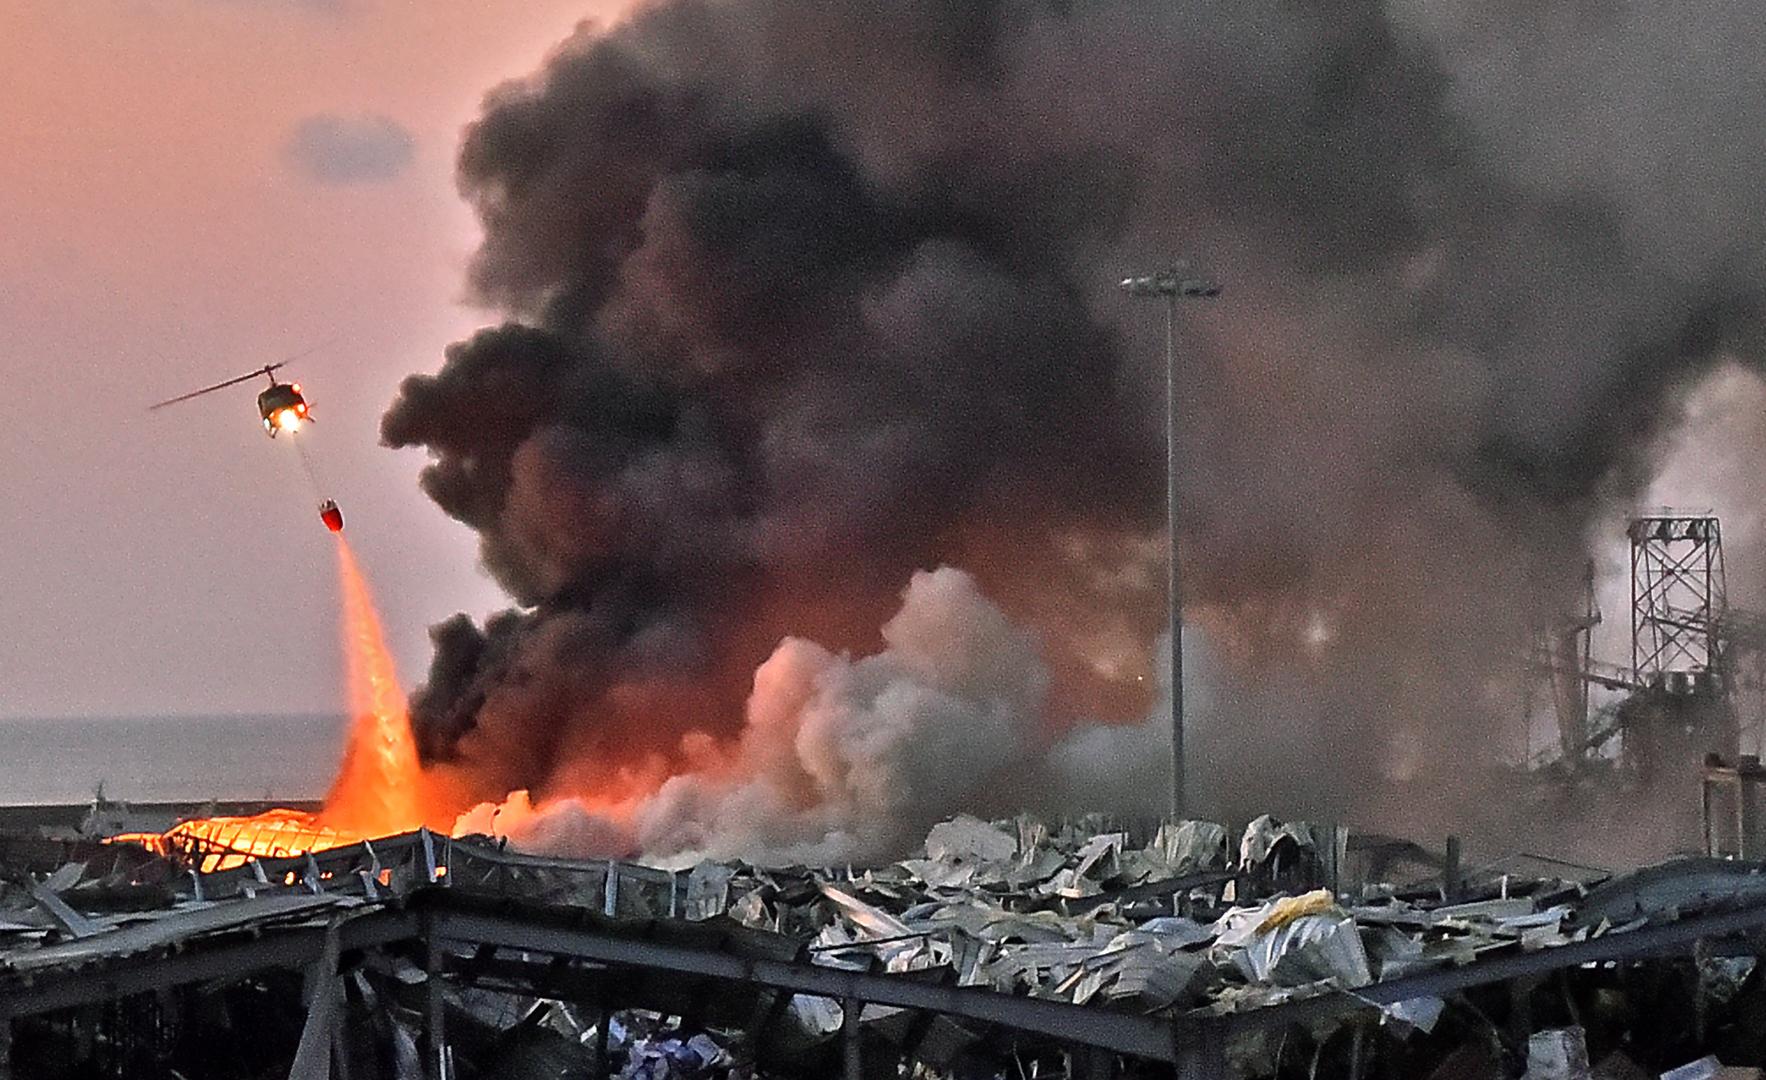 Ein Hubschrauber löscht ein Feuer an einer Explosionsstelle im Hafen der libanesischen Hauptstadt Beirut, 4. August 2020.